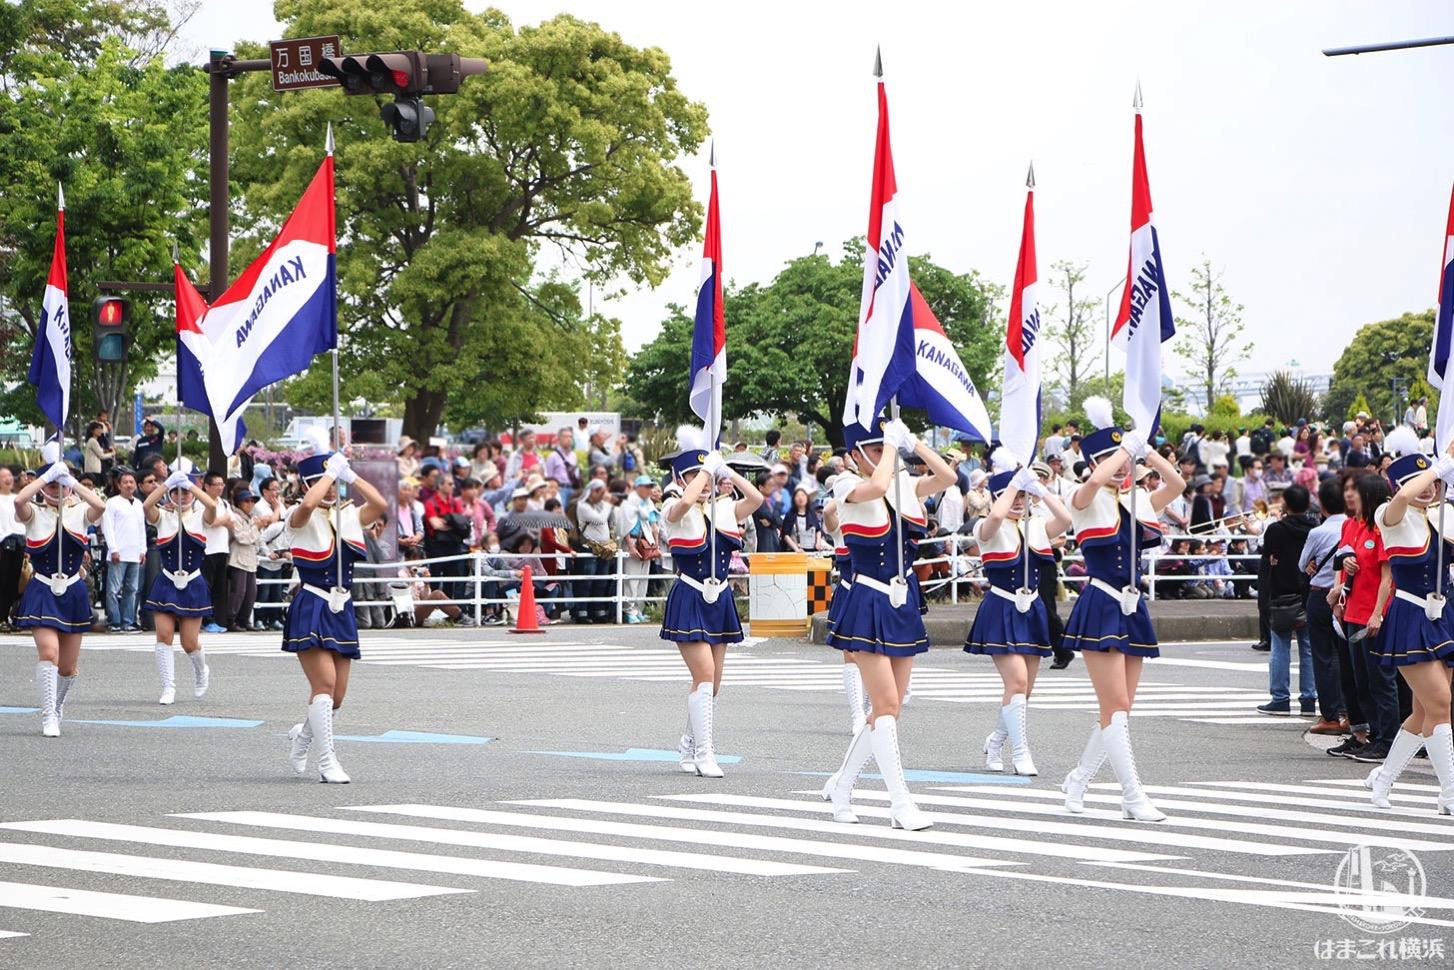 国際仮装行列「ザ よこはまパレード」パフォーマンス